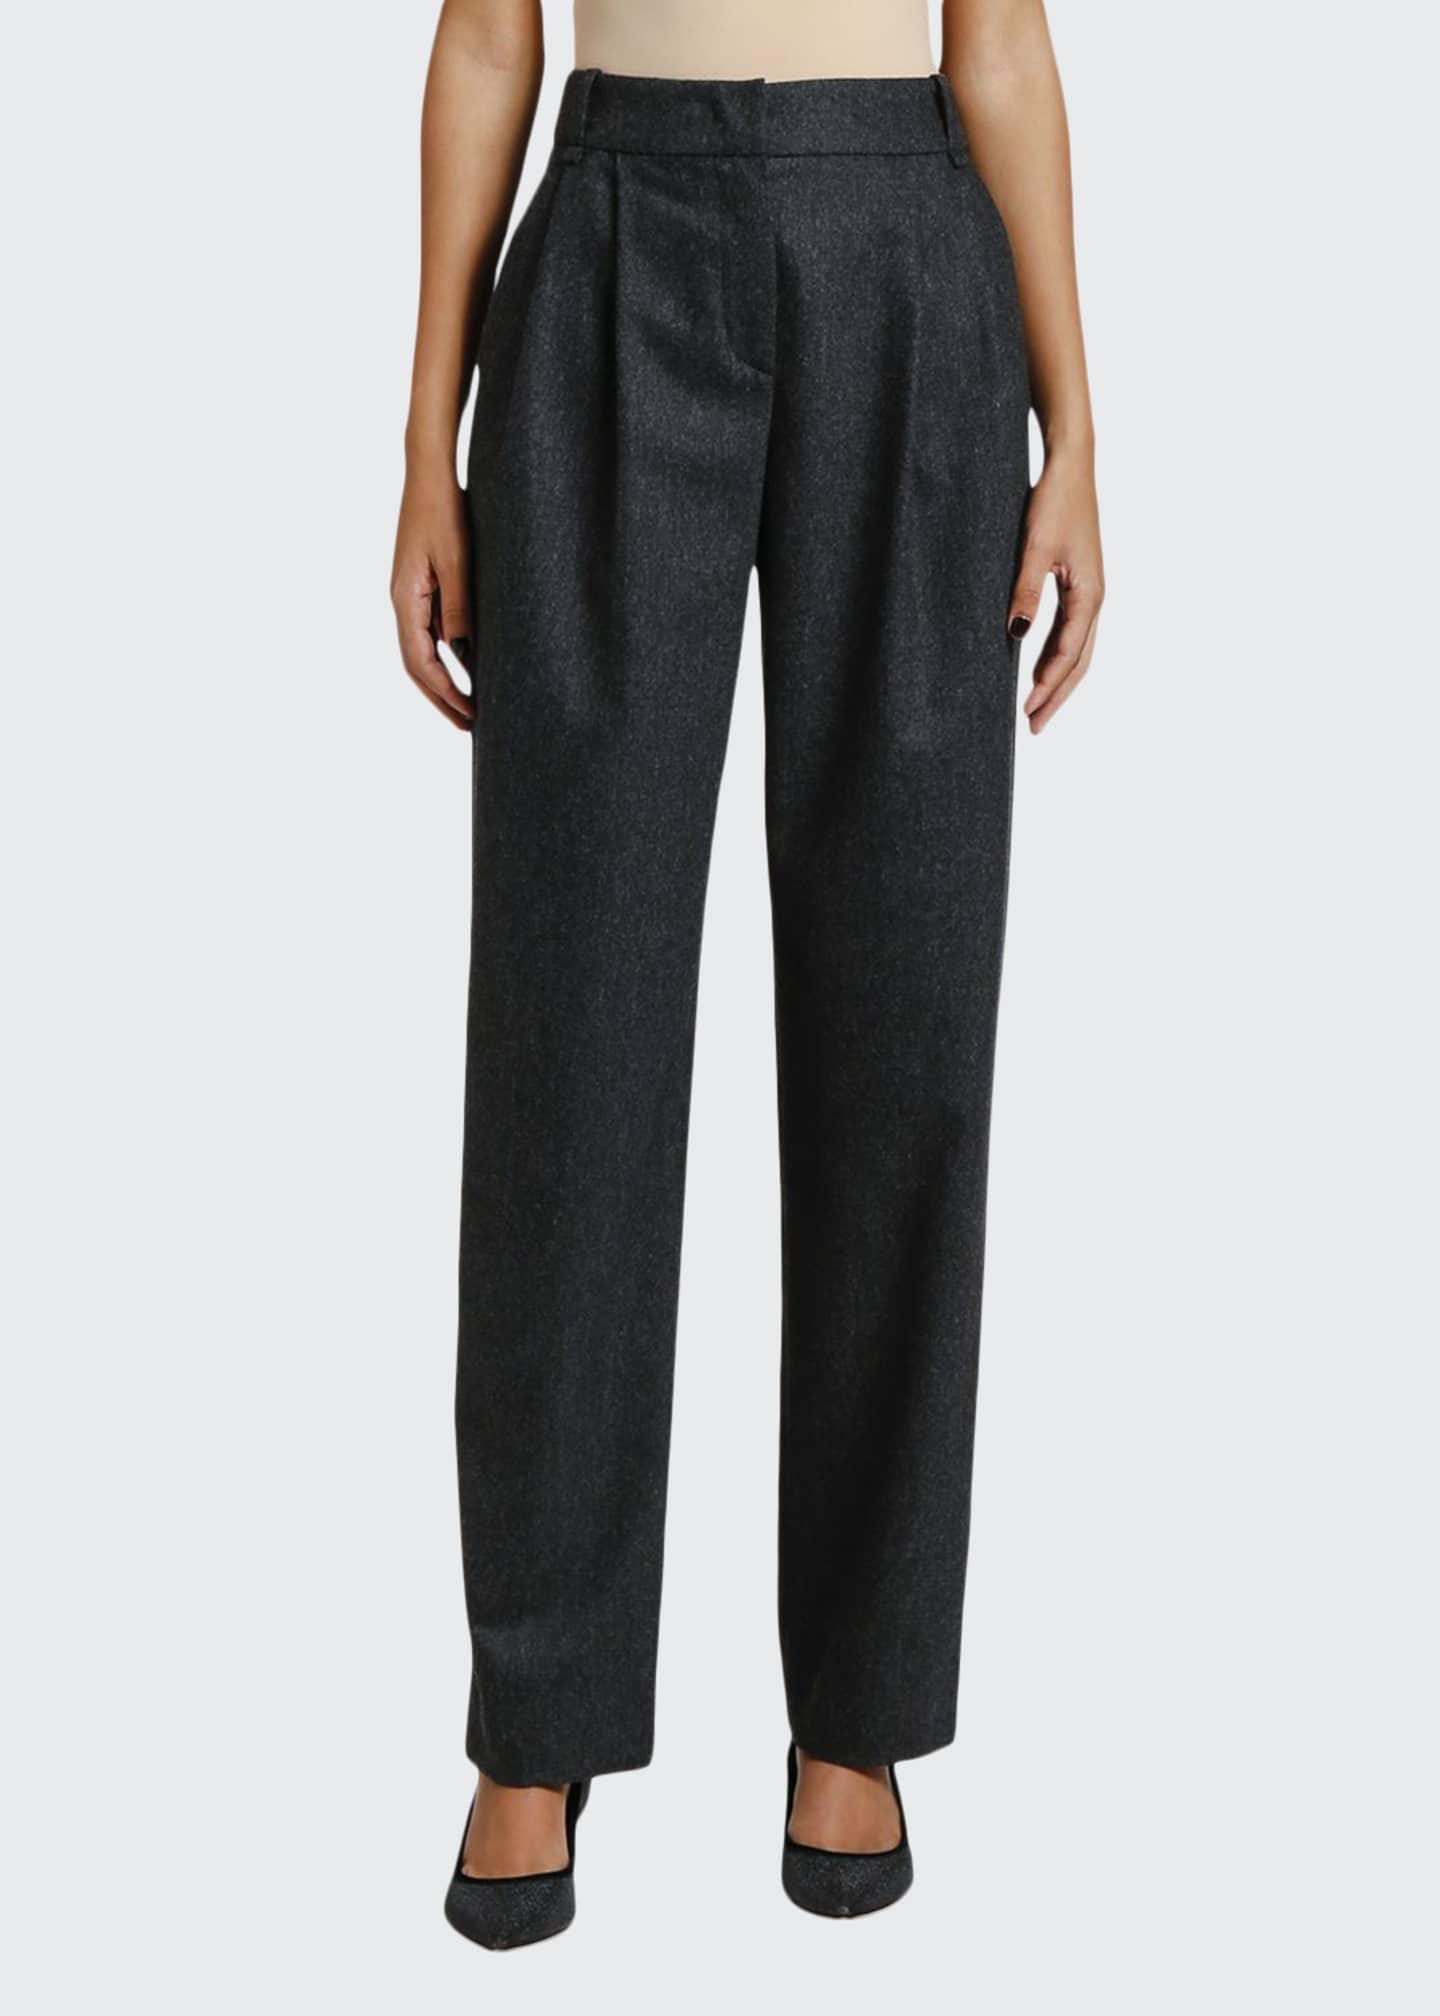 Giorgio Armani Pleated Flannel Pants